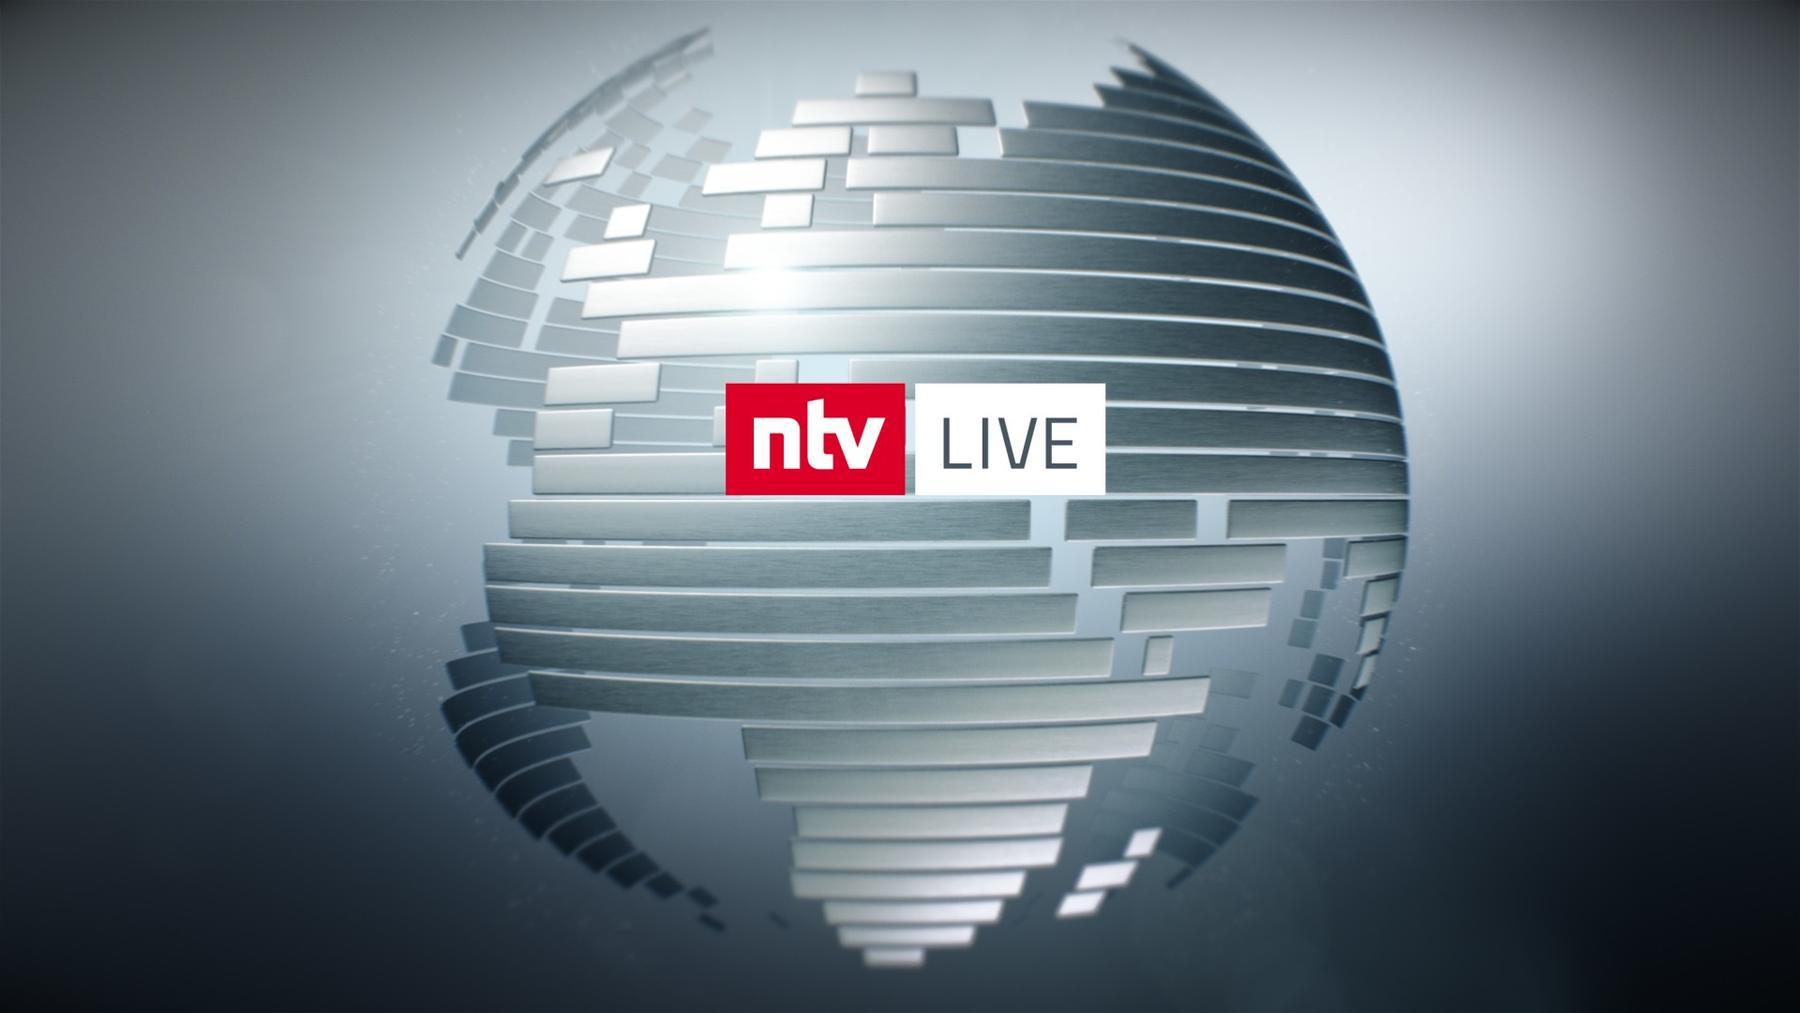 LIVE: PK Heil zu Arbeitslosenzahlen